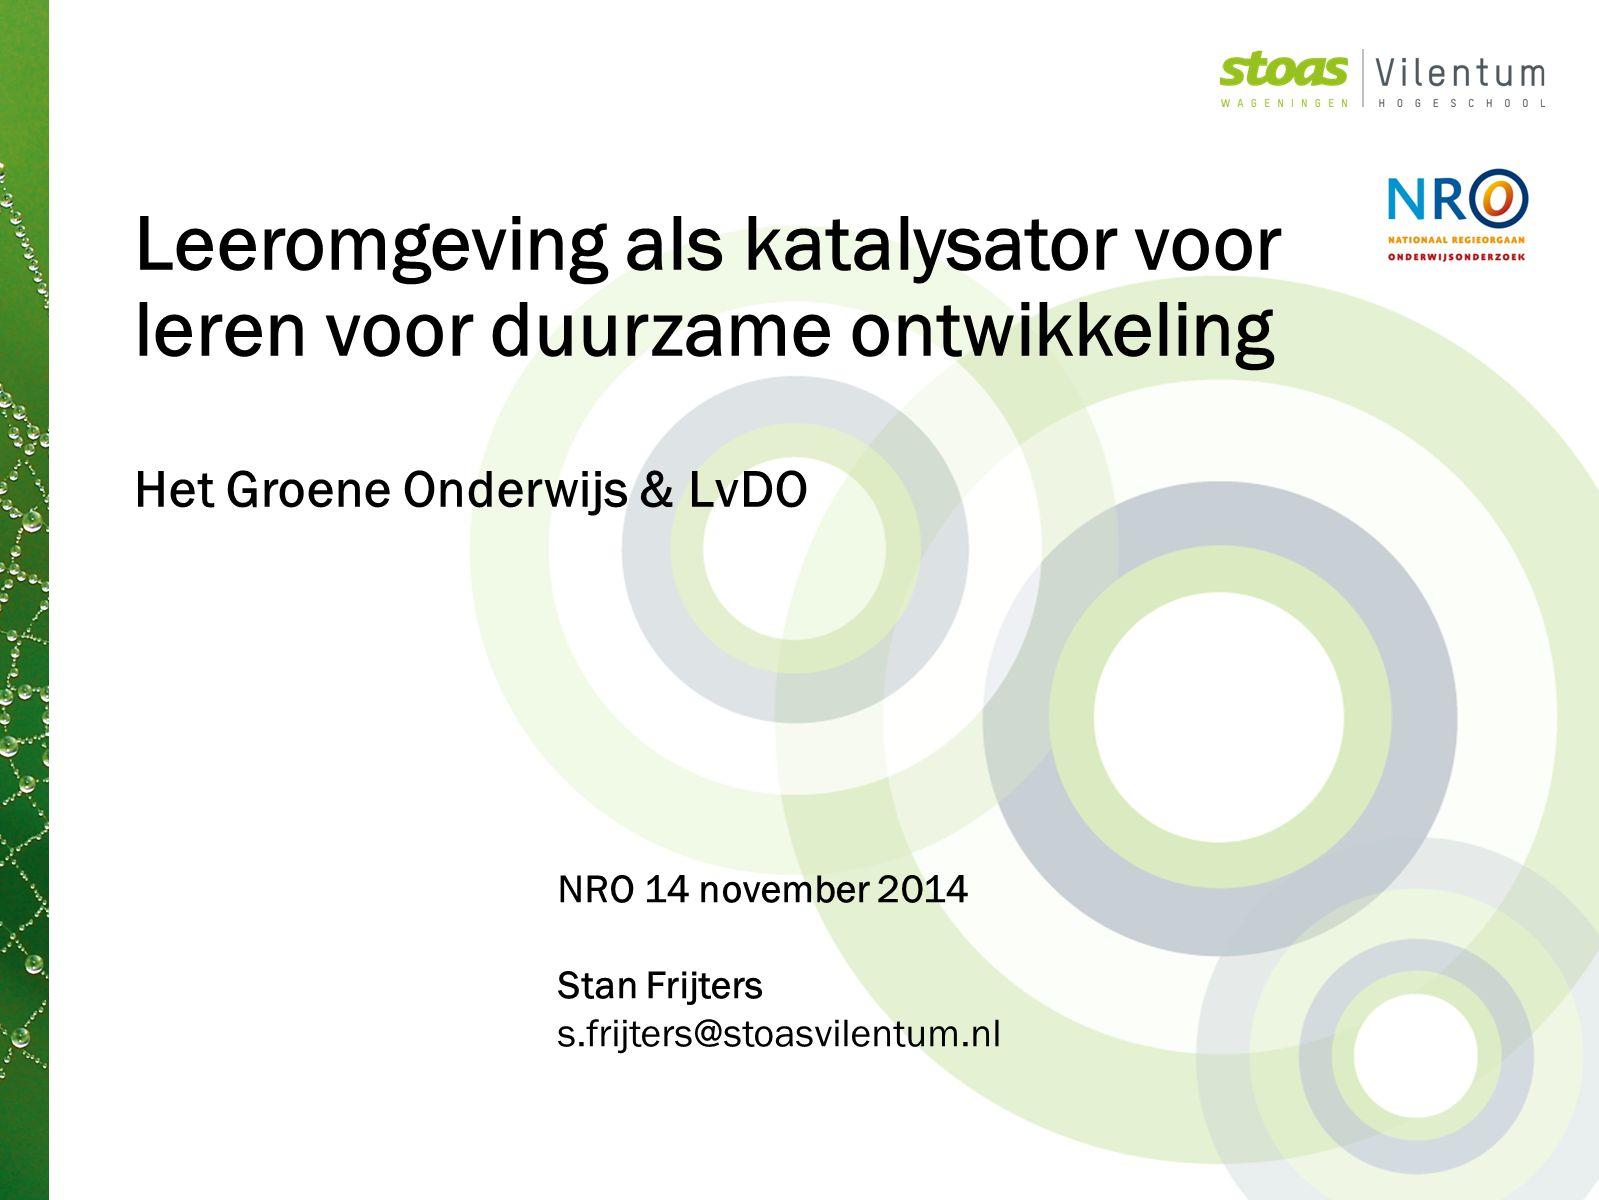 Leeromgeving als katalysator voor leren voor duurzame ontwikkeling Het Groene Onderwijs & LvDO NRO 14 november 2014 Stan Frijters s.frijters@stoasvilentum.nl